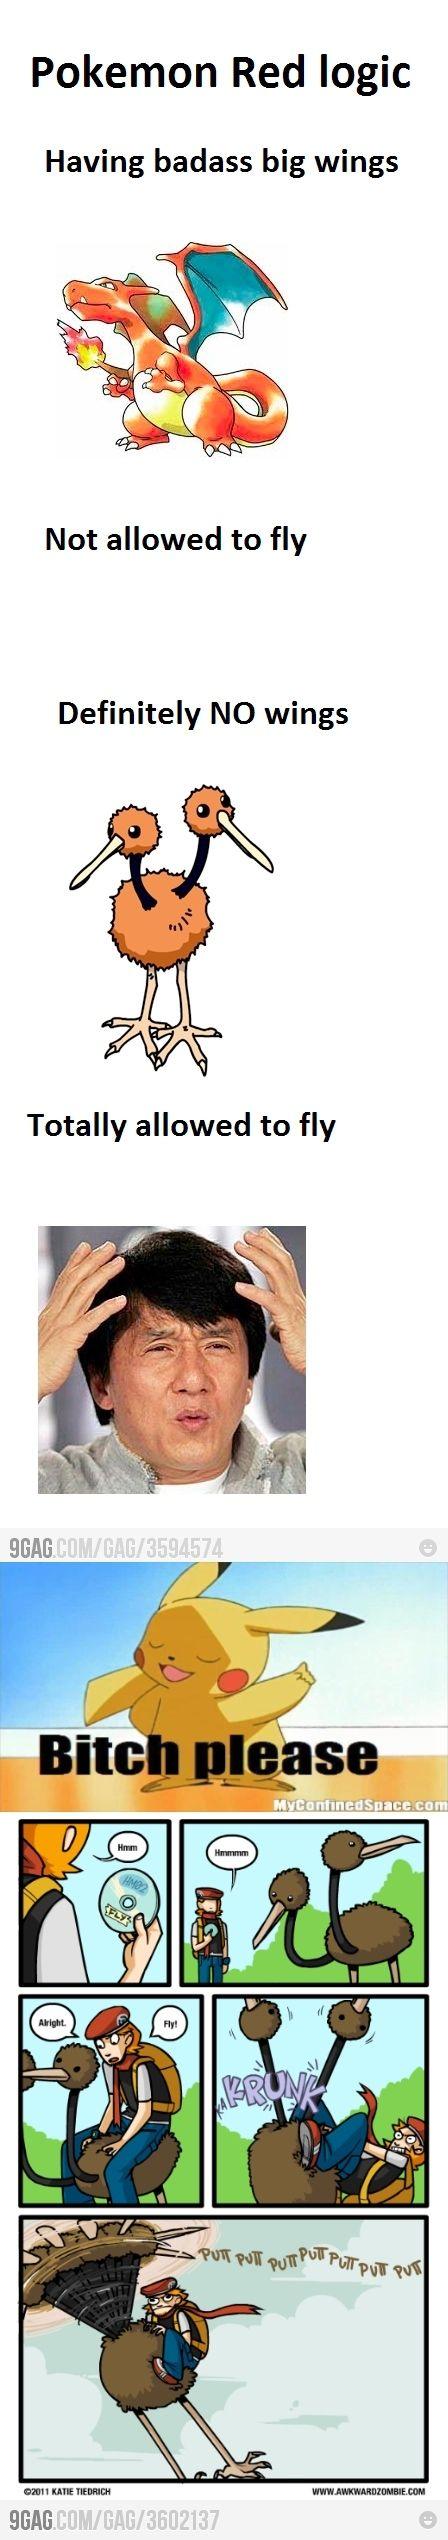 B*tch Please, pokemon logic